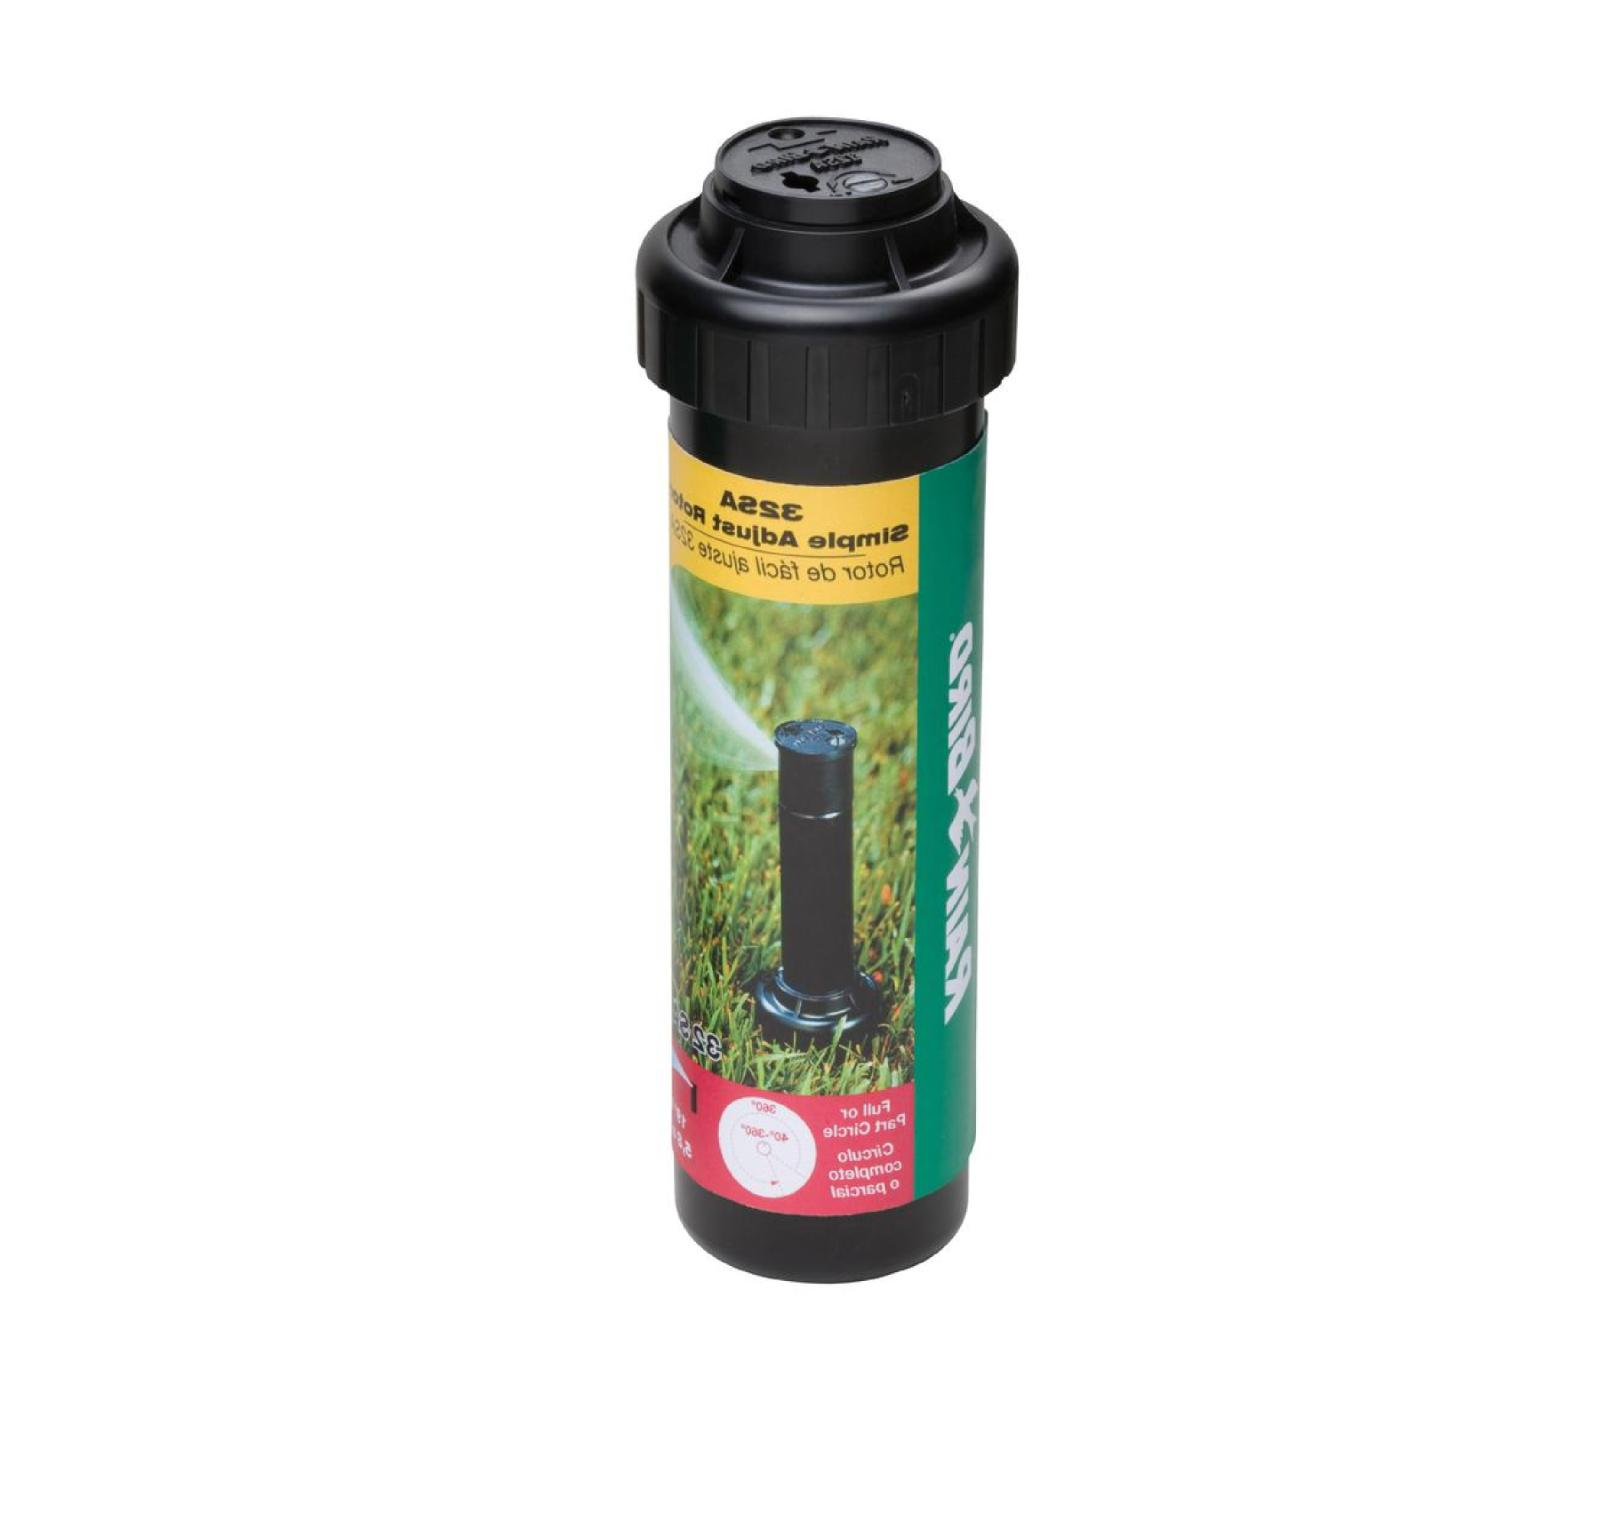 Gear Pop Sprinklers Adjustable 19 Self-Flushing Spring